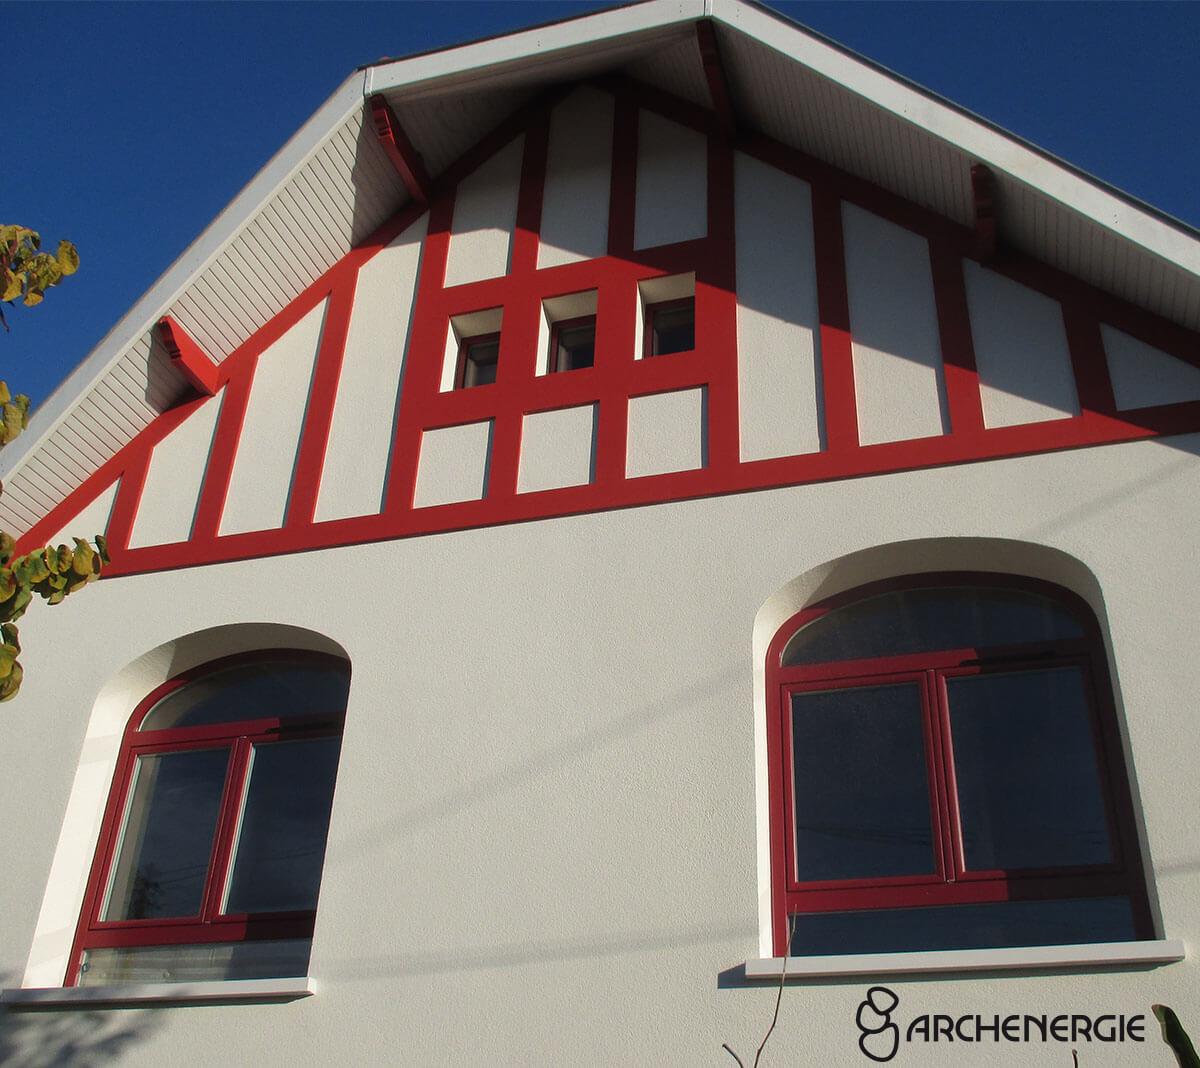 architecte bâtiment de France isolation façade recréation esthétisme